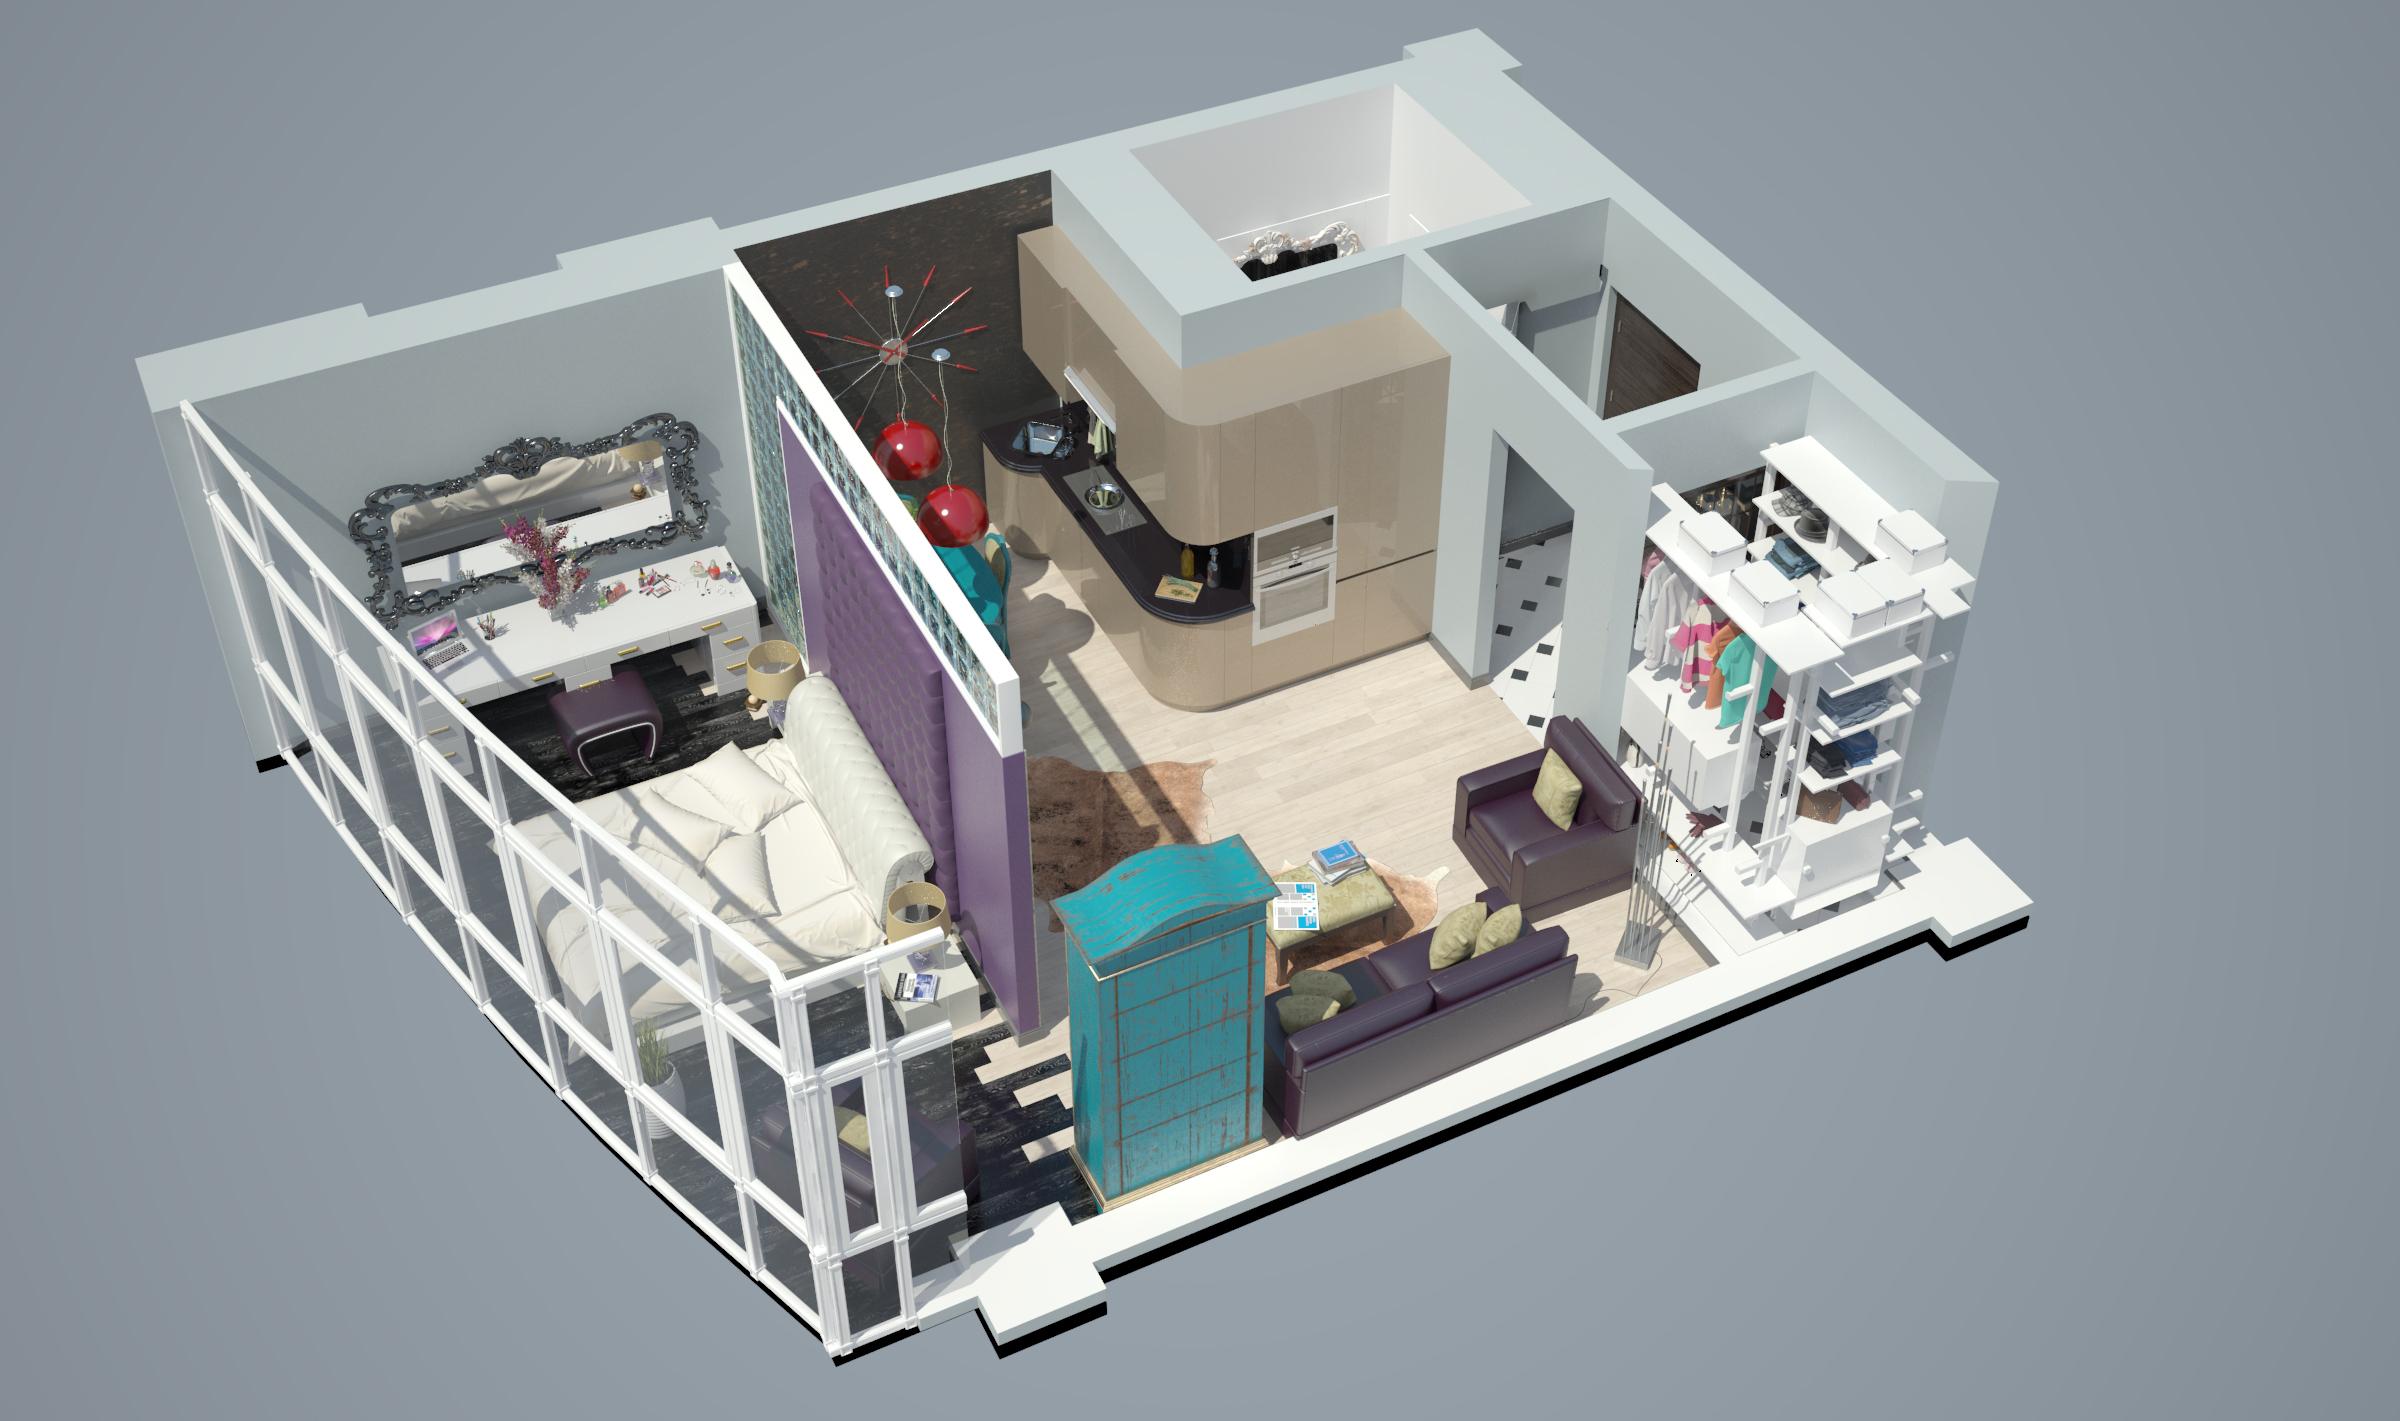 Однокомнатная квартира в новостройке общий вид  2